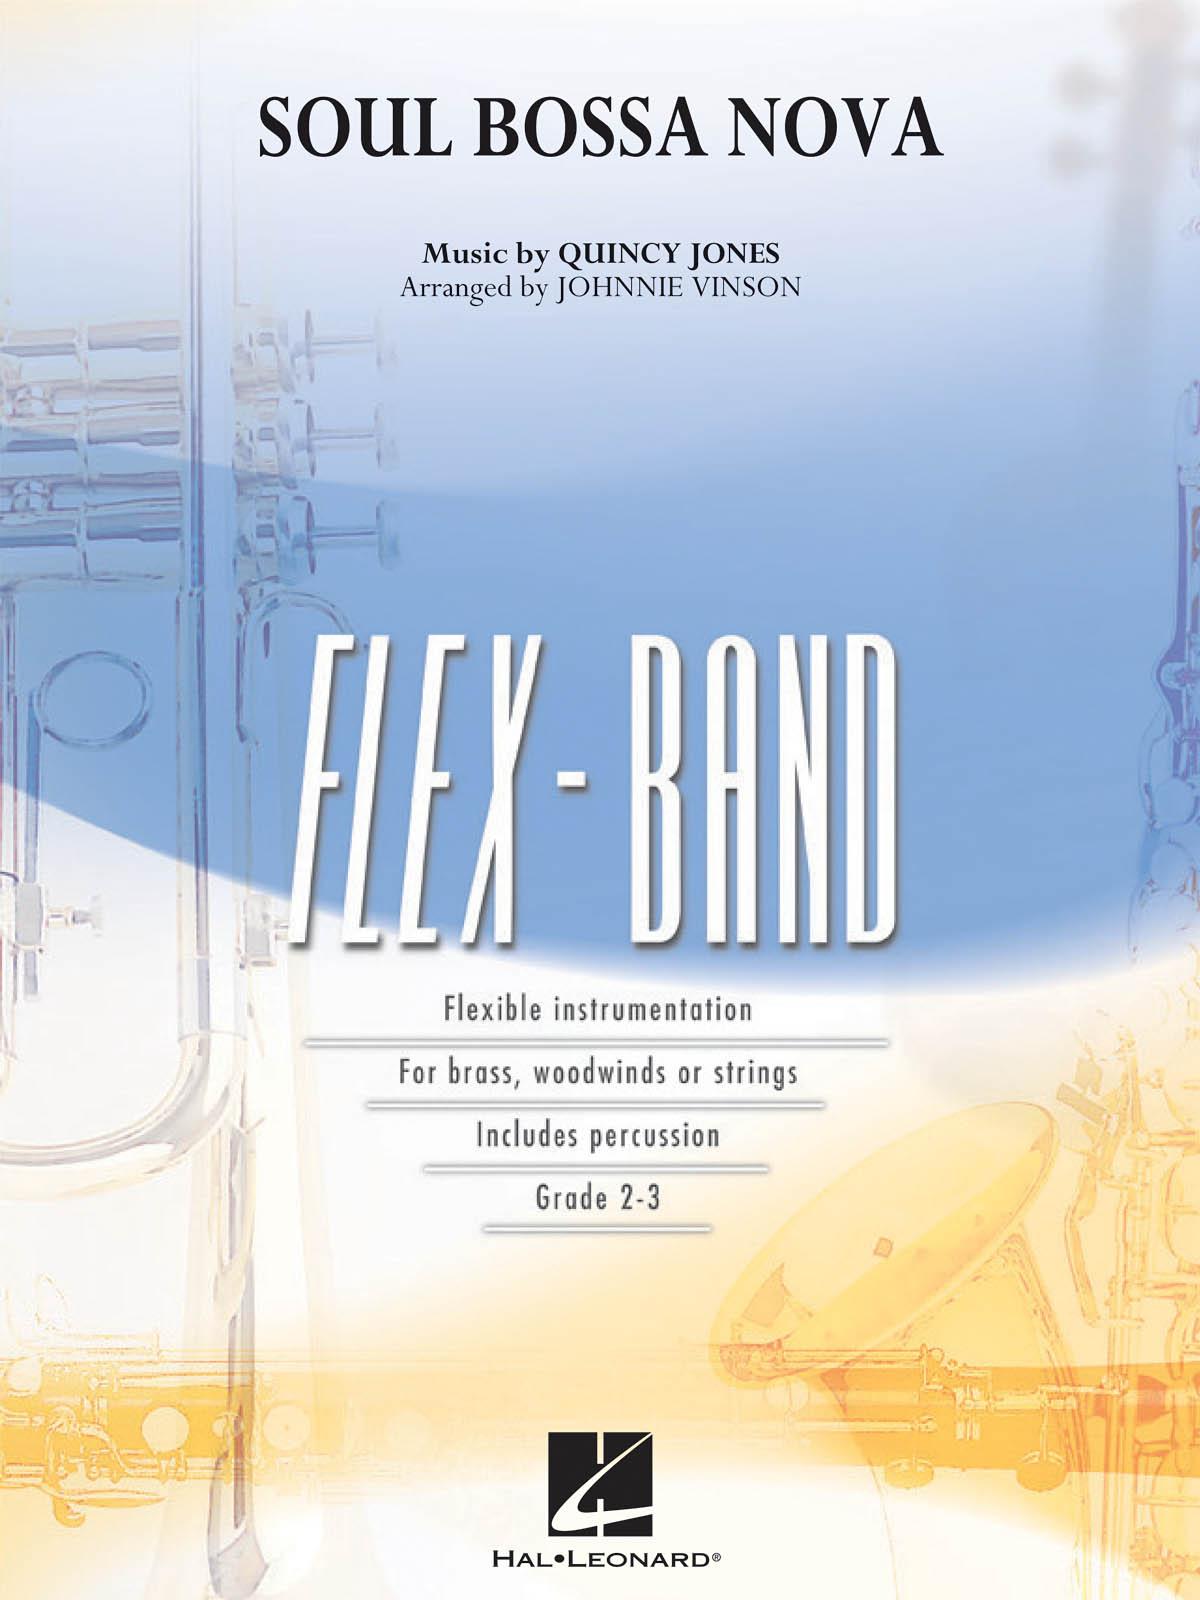 Quincy Jones: Soul Bossa Nova: Concert Band: Score & Parts